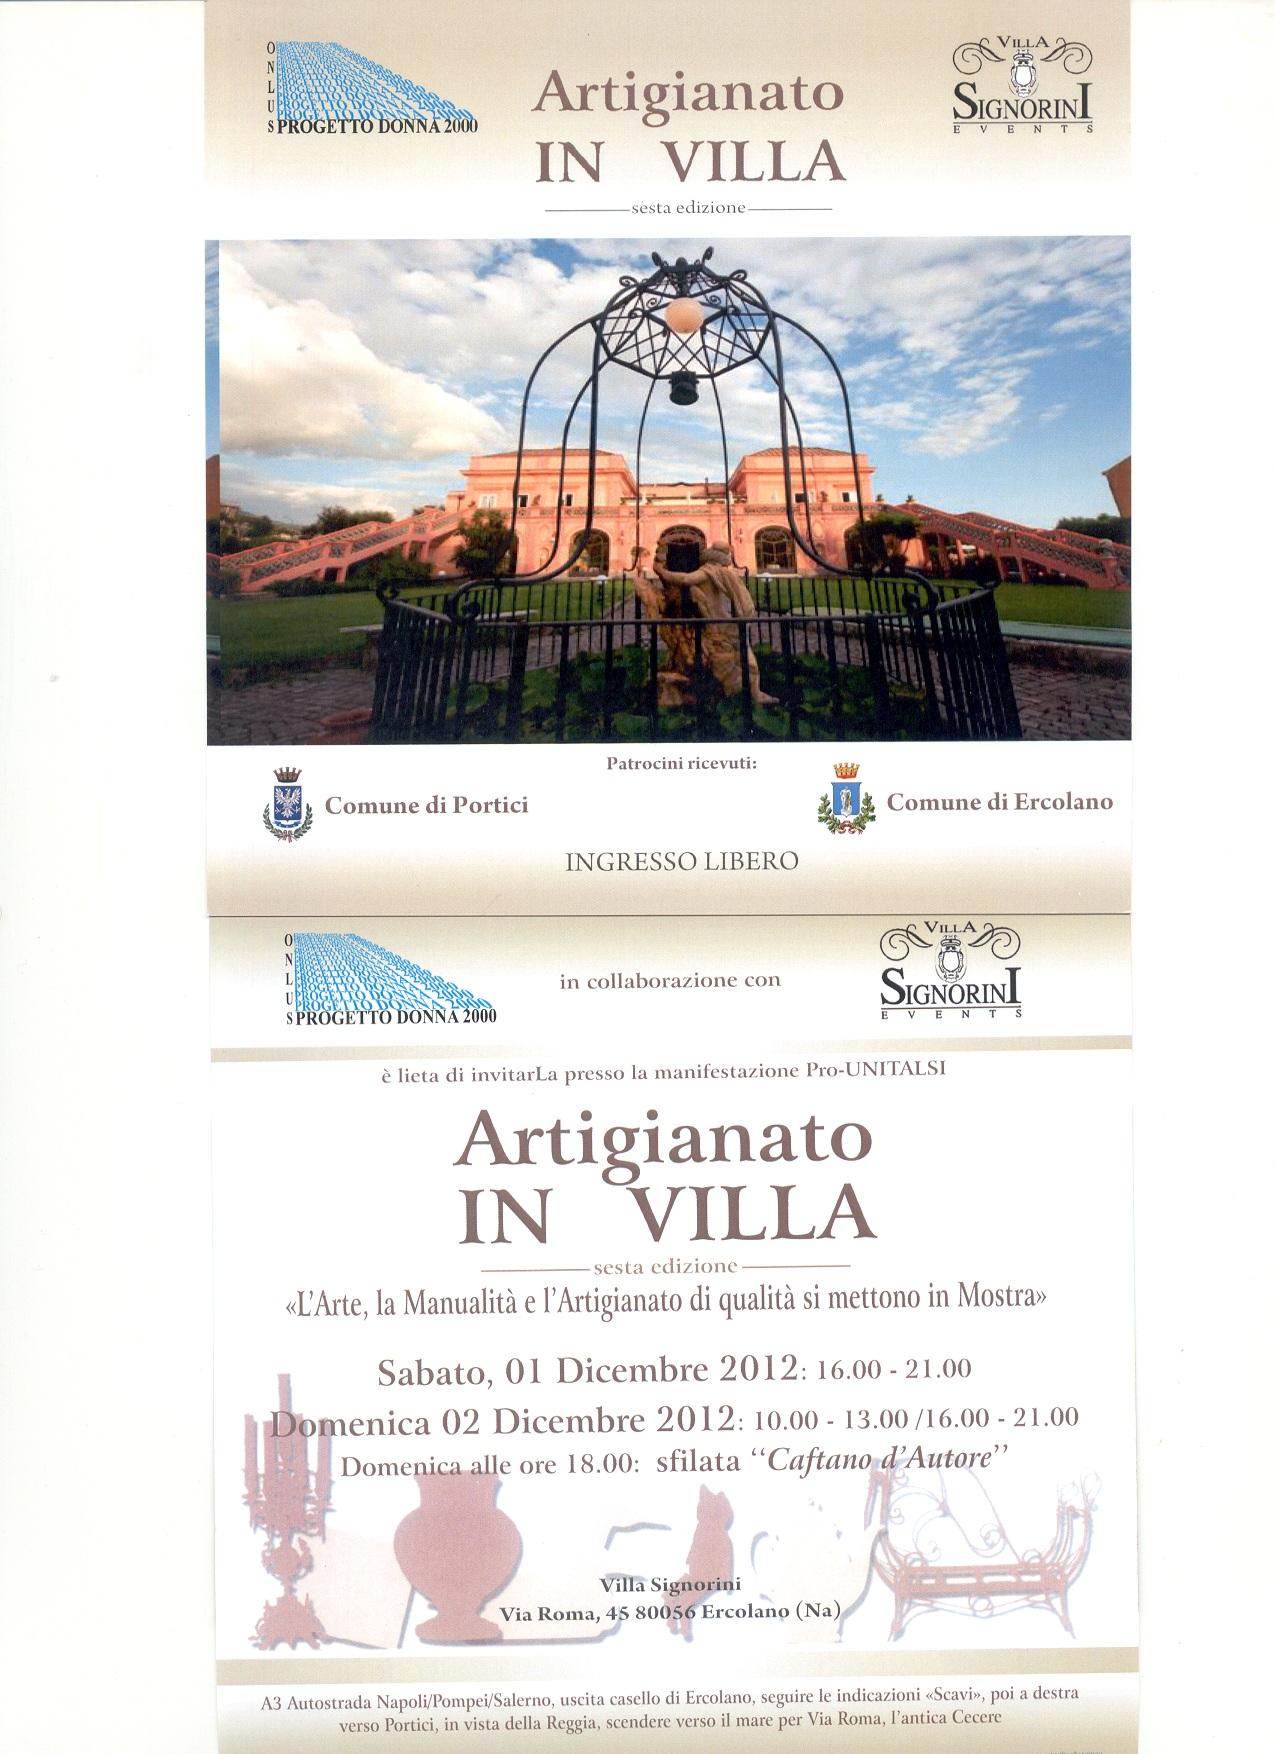 Ercolano: l'arte, la creatività e l'artigianato di qualità in mostra a Villa Signorini